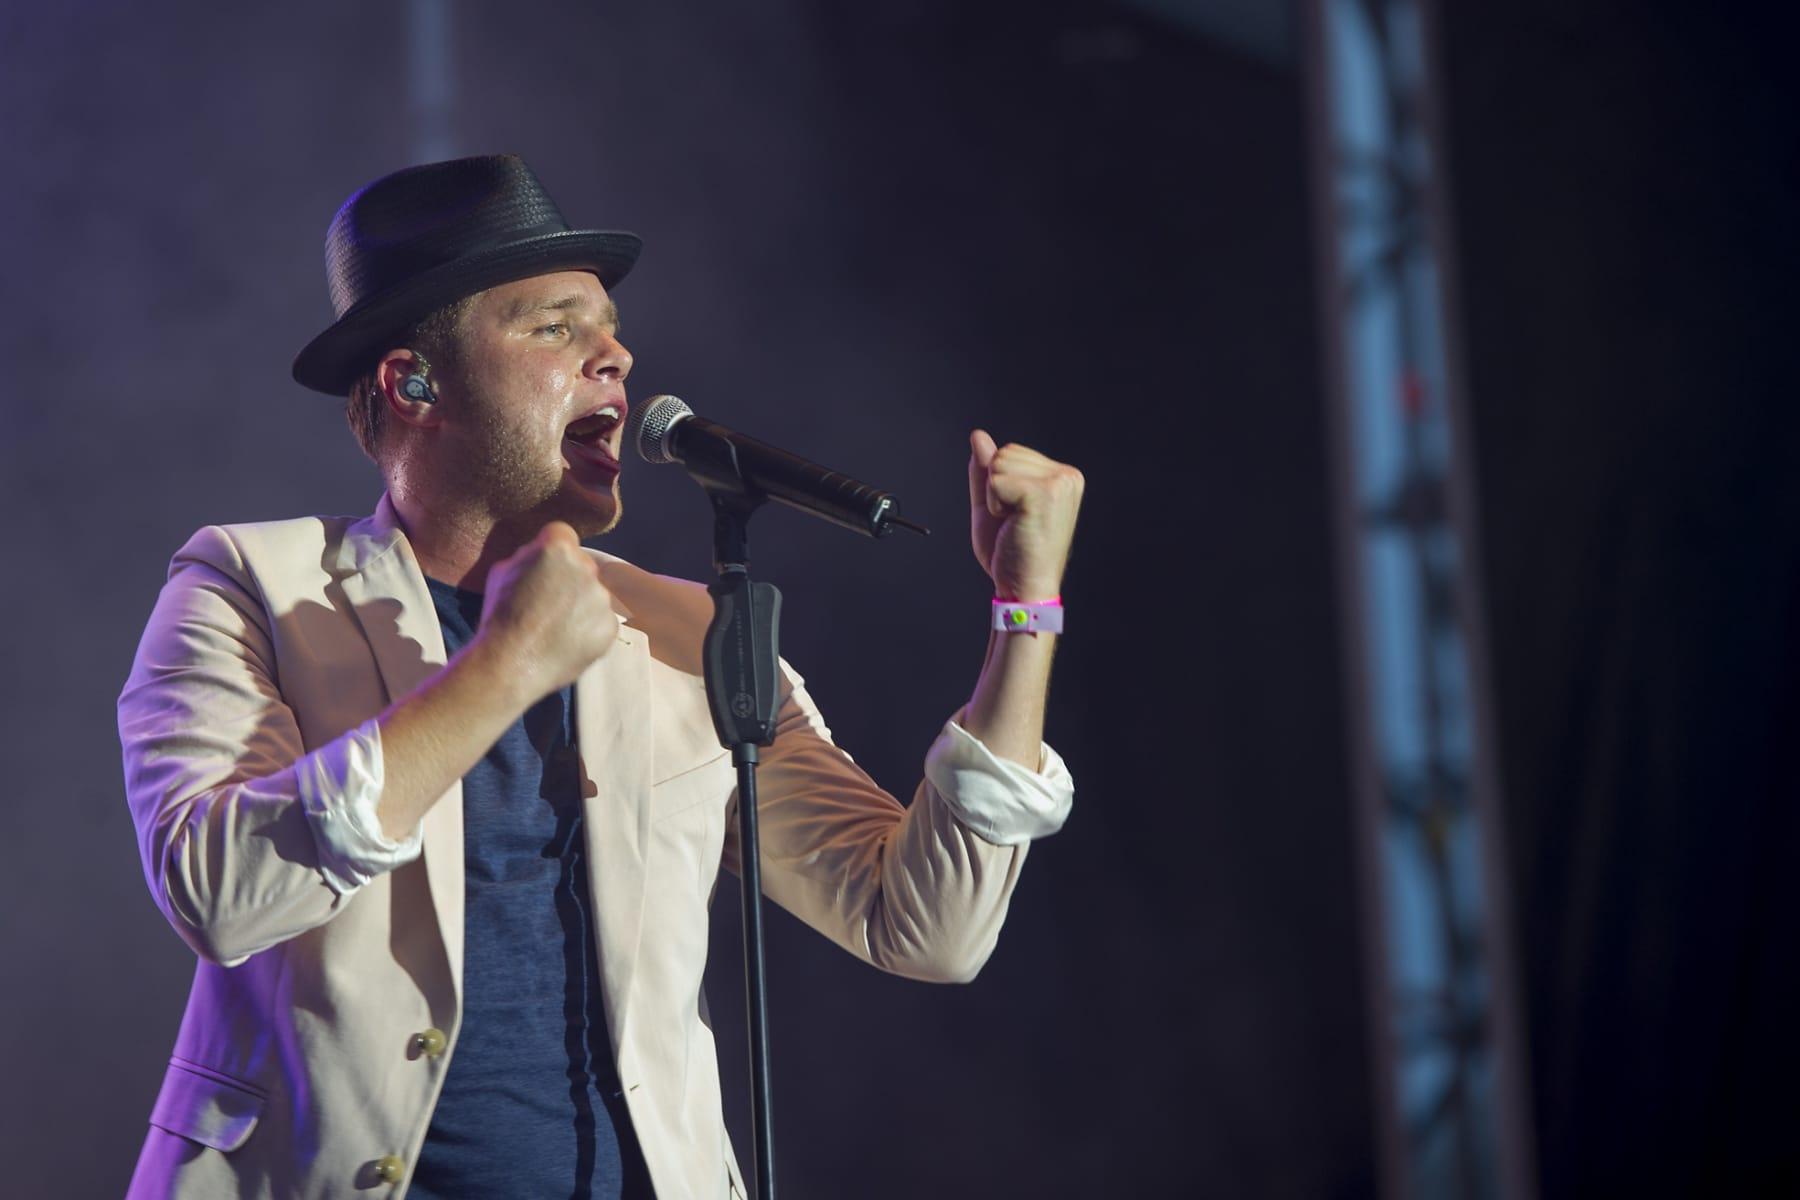 gibraltar-music-festival-2013-olly-murs_9703106742_o